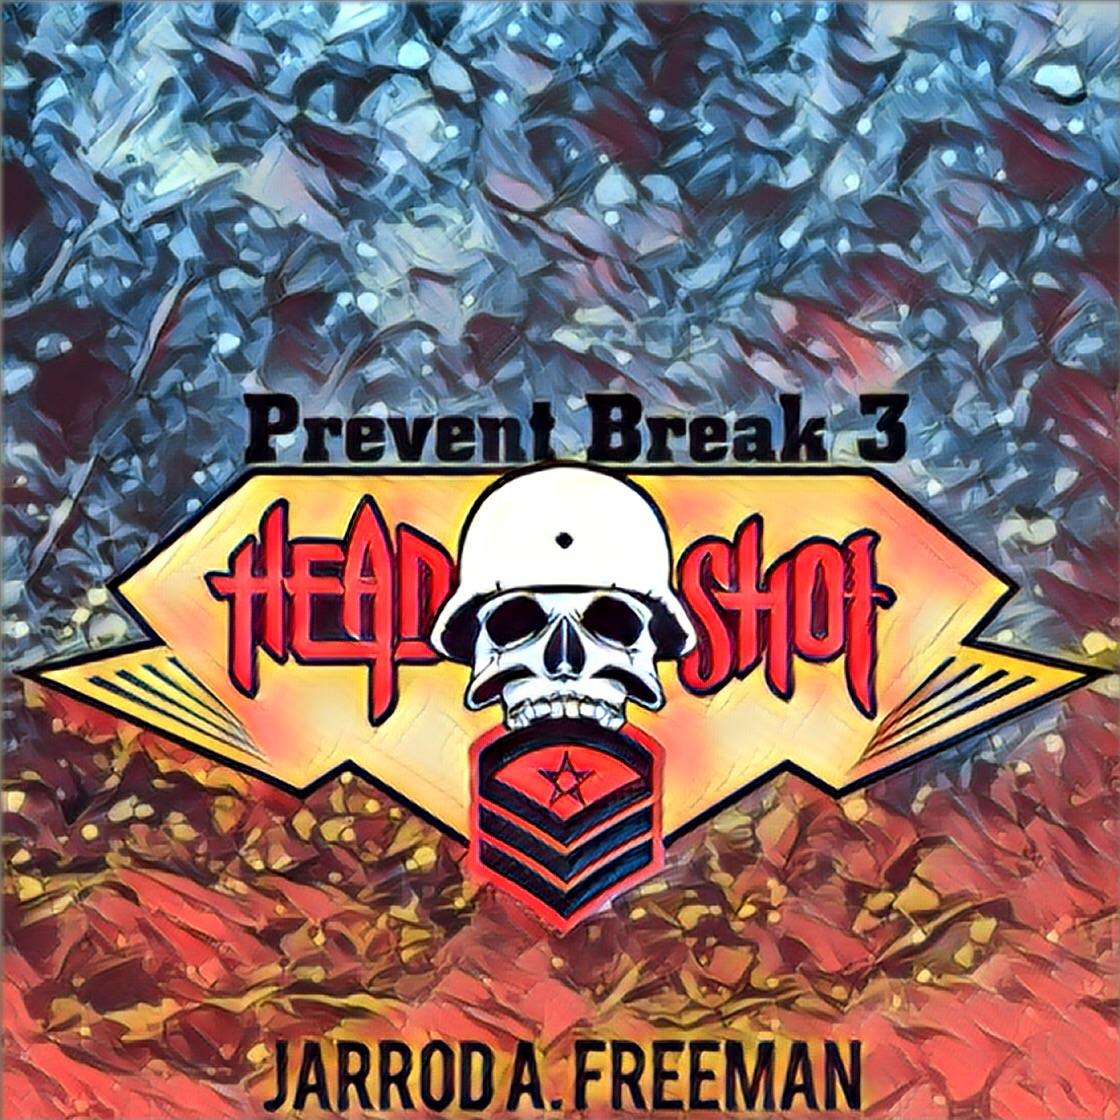 Prevent Break 3: Headshot